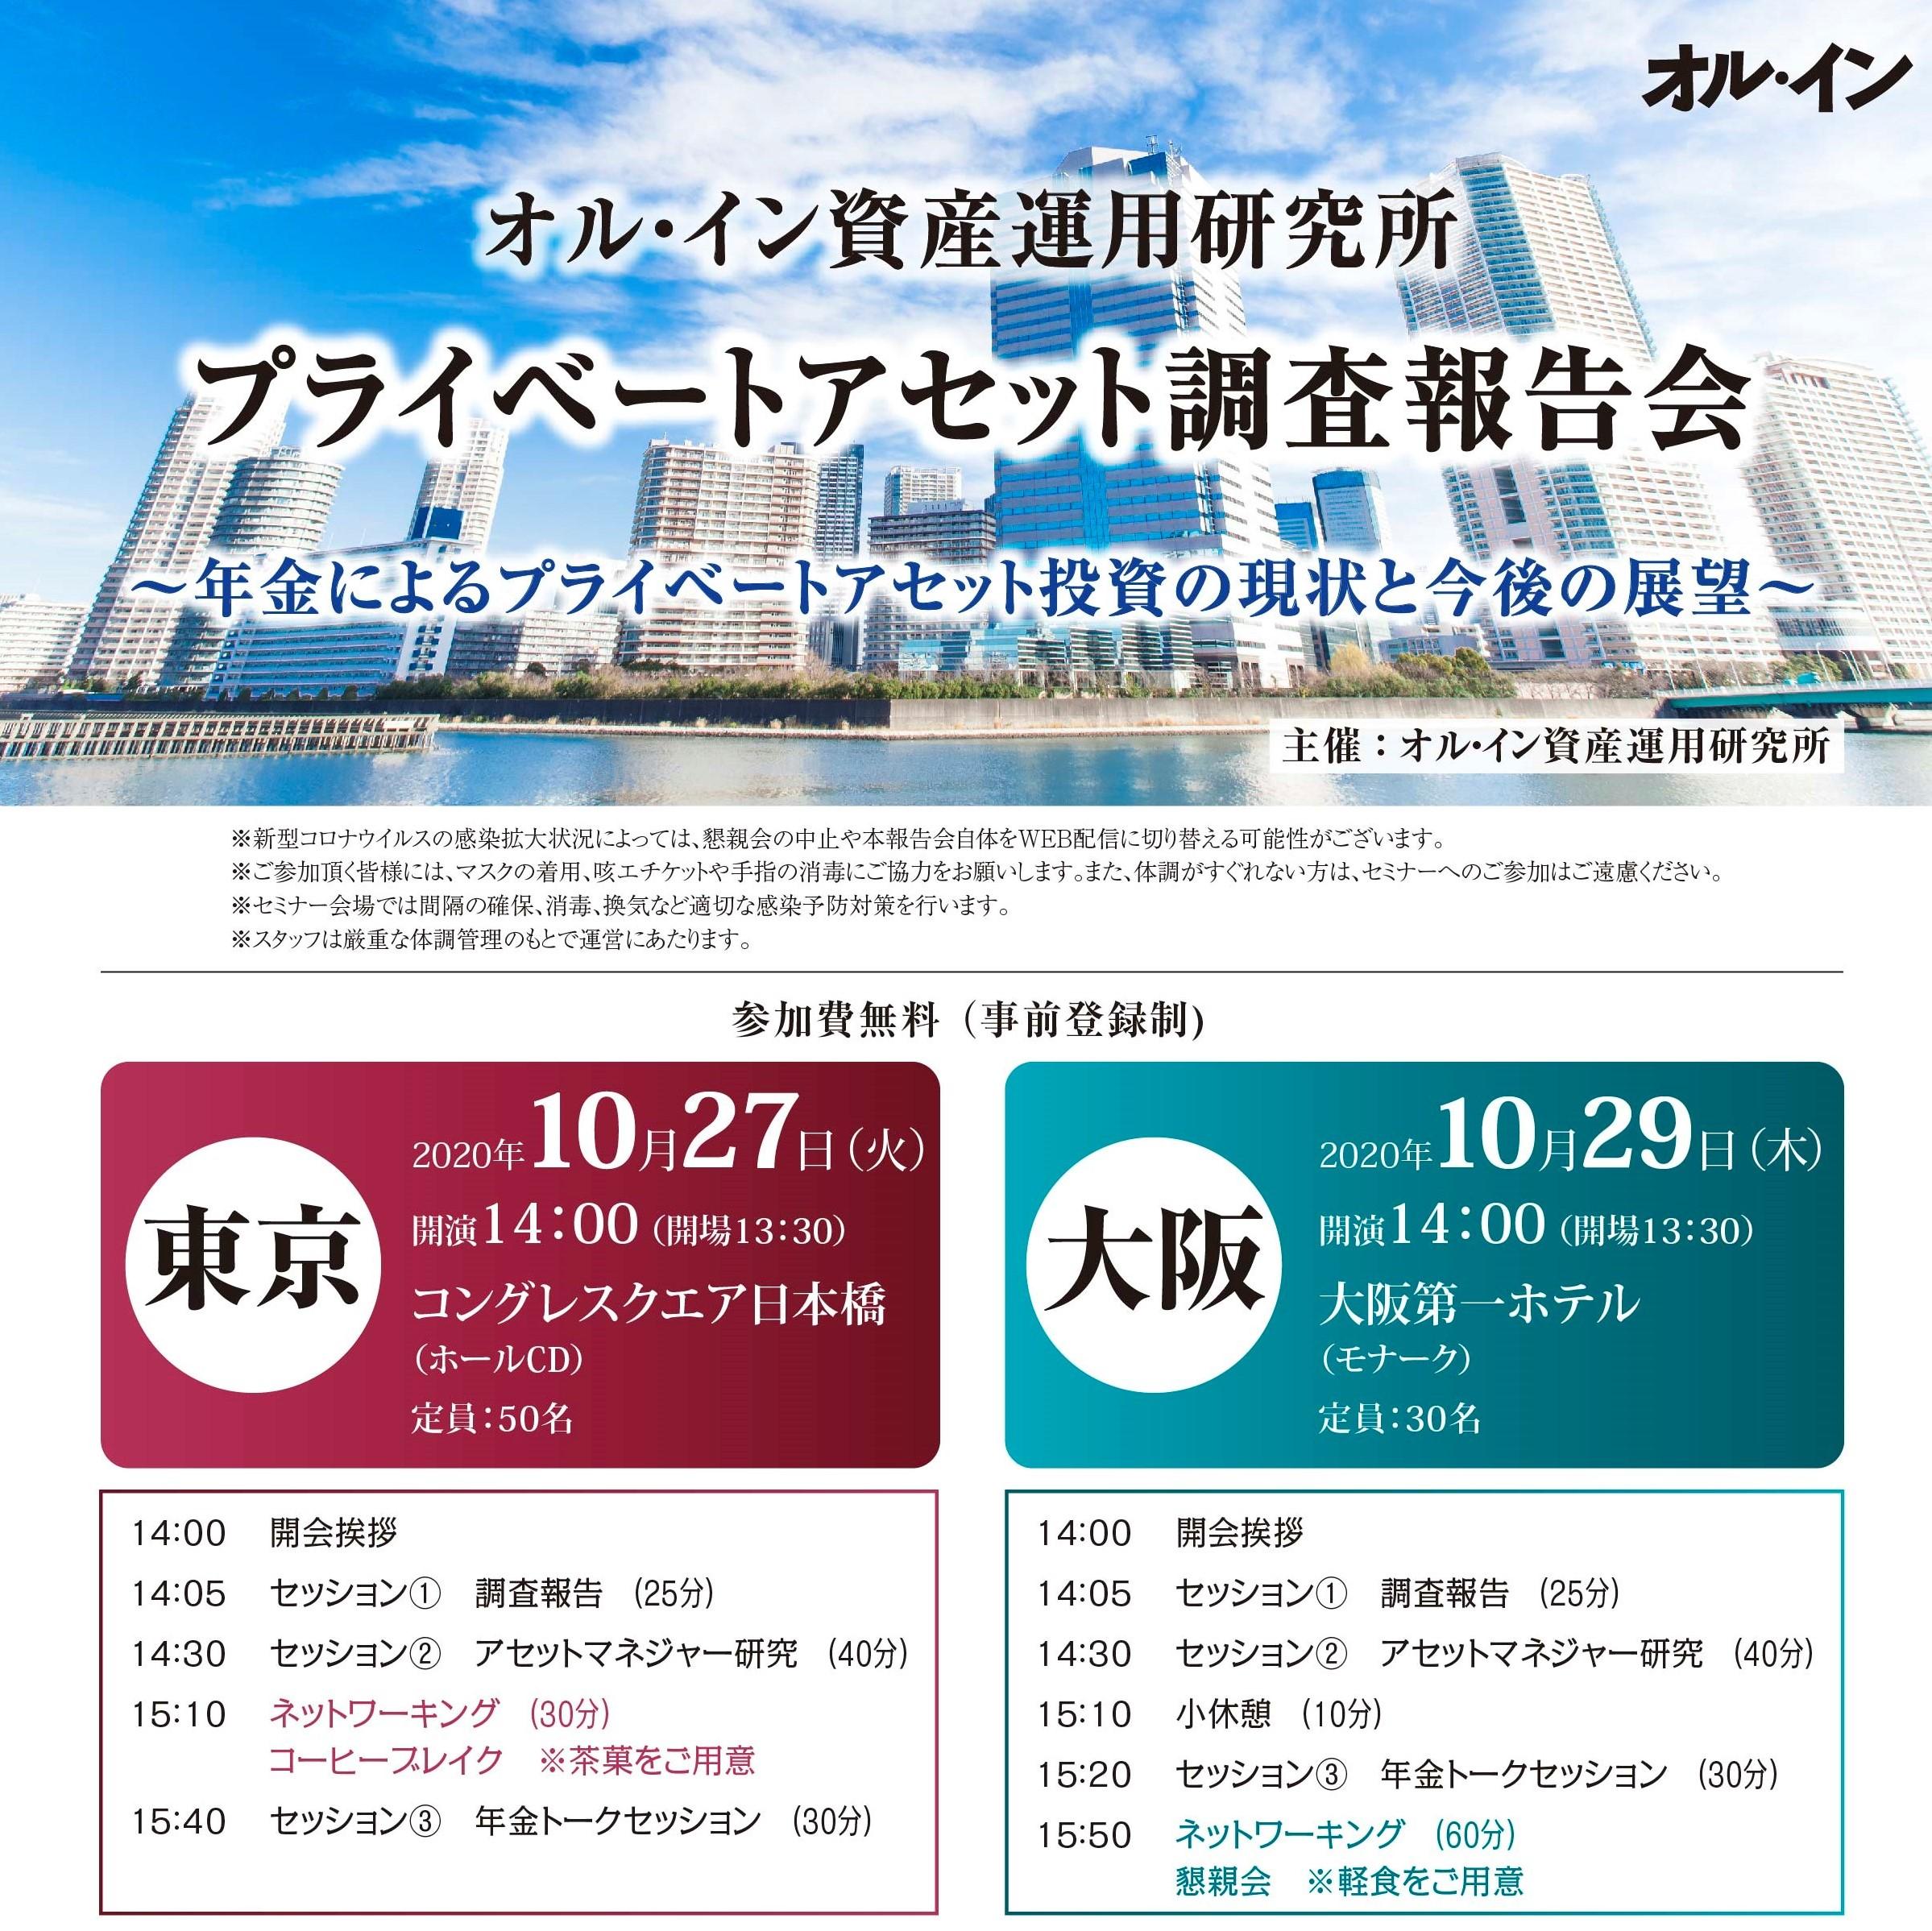 【動画】プライベートアセット調査報告会2020